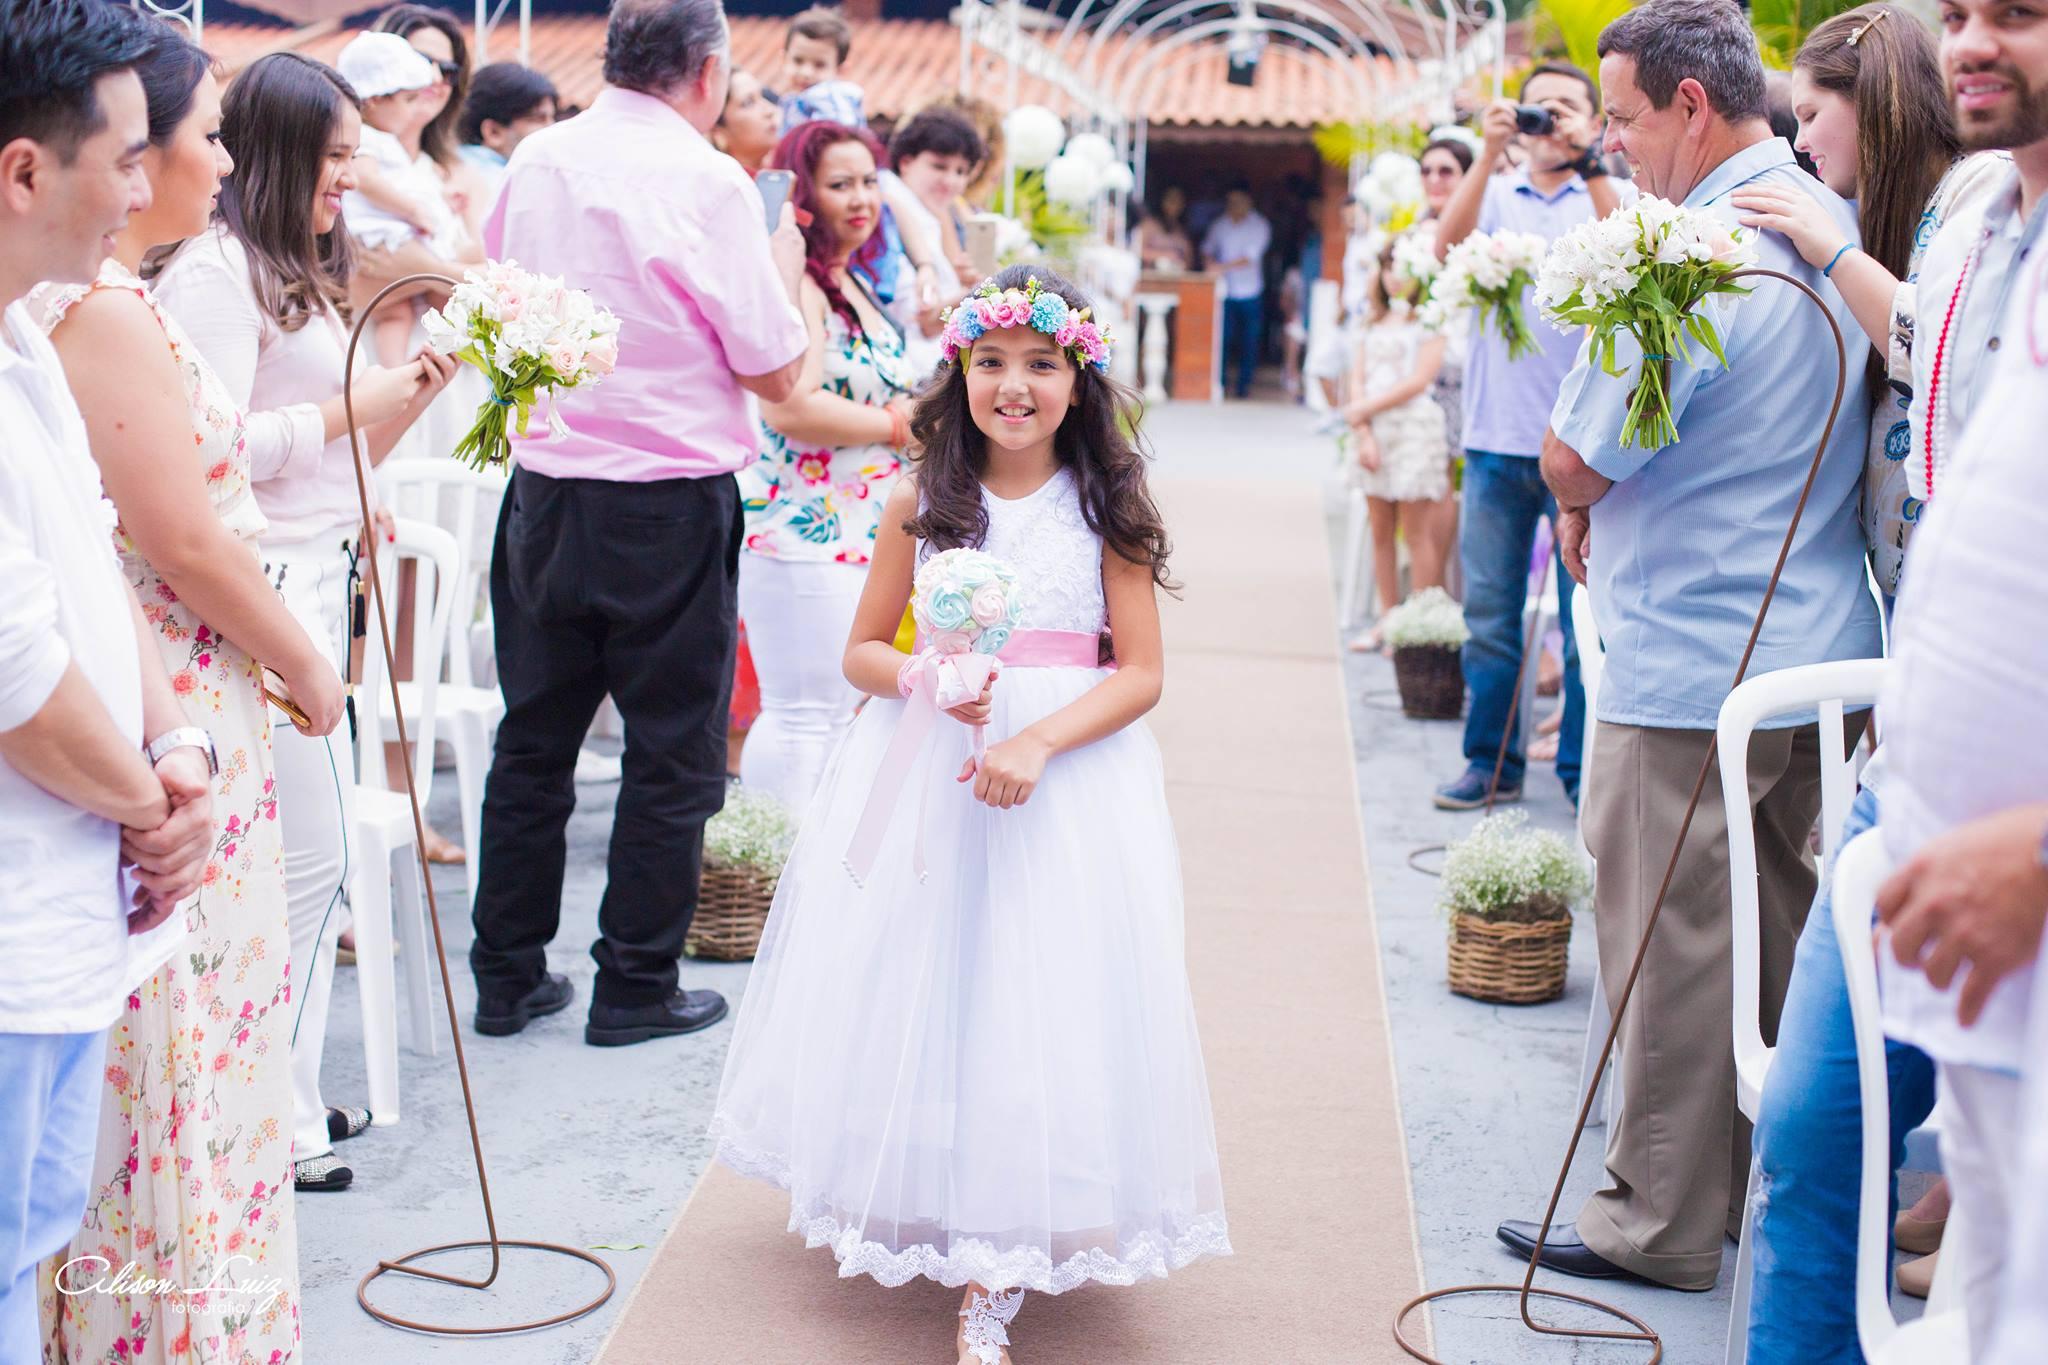 Fotógrafo evangélico registra casamento umbandista e faz lindo relato do que viu 11